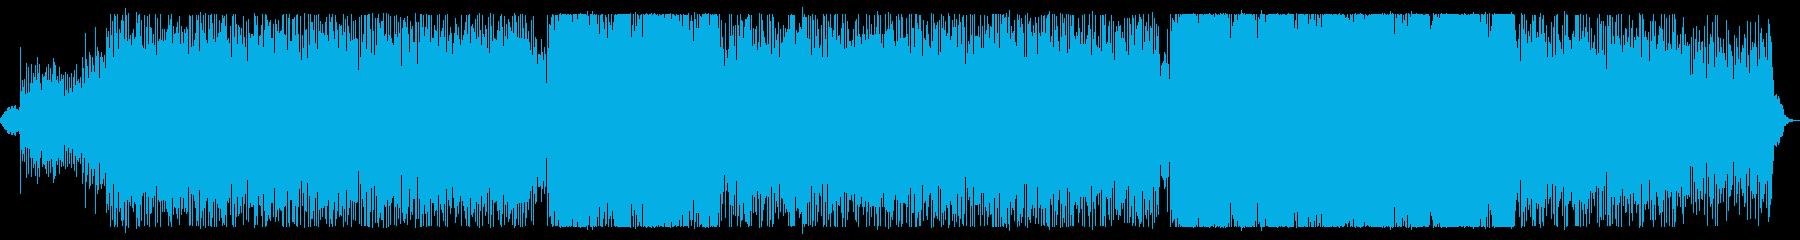 4つ打ち/女性コーラス/ピアノ/疾走感の再生済みの波形